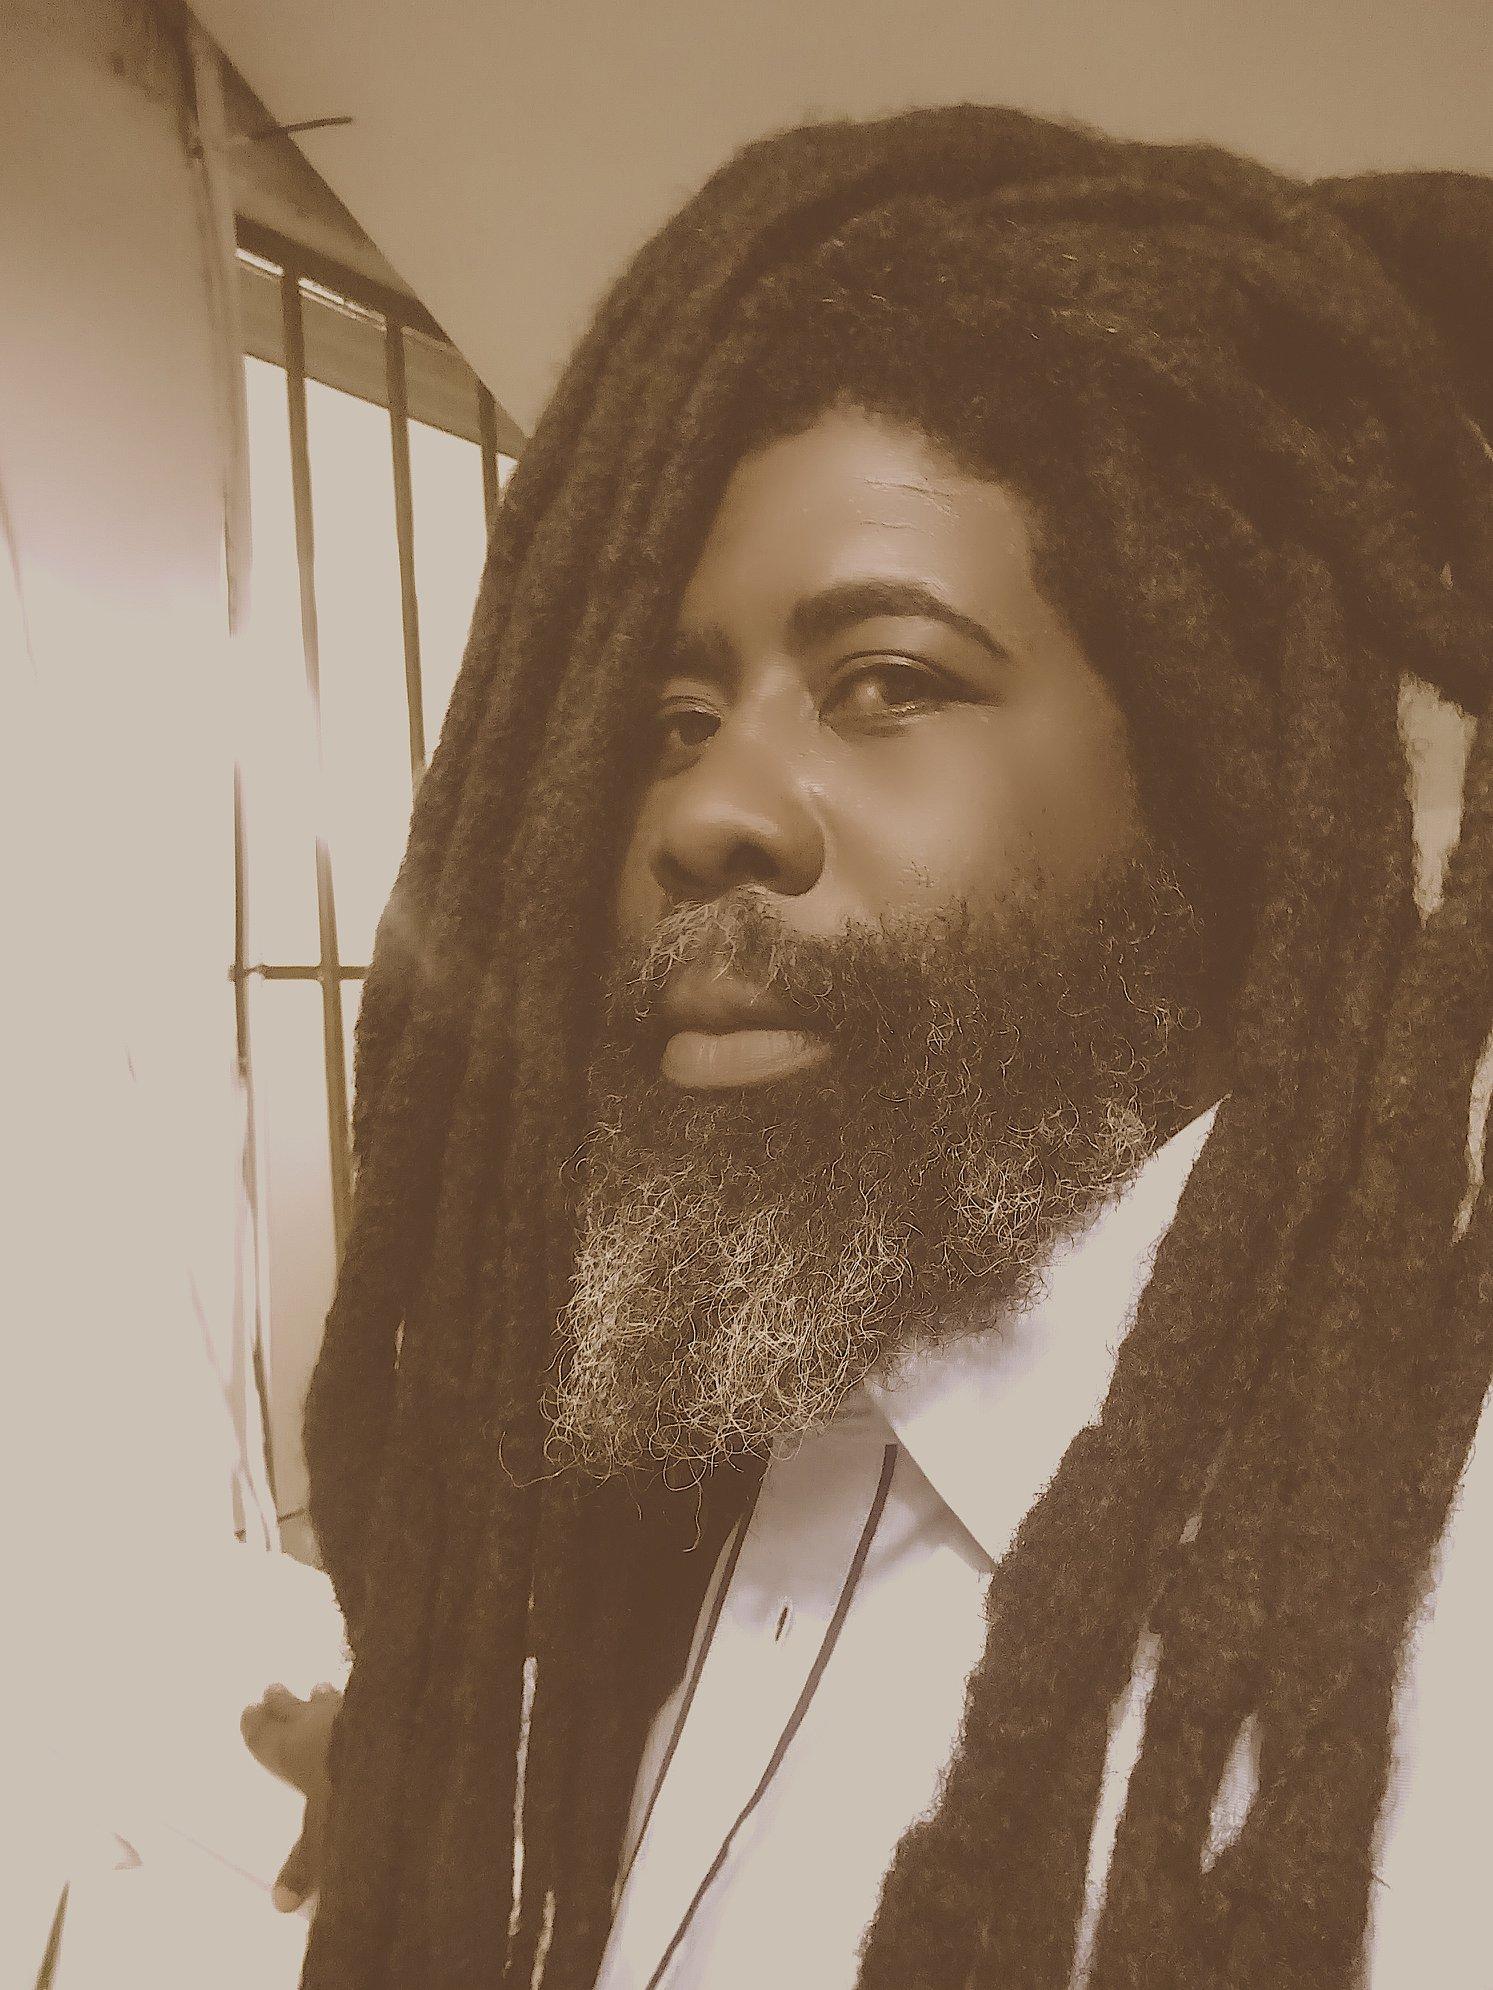 Mona Augustin Relates His Corona Experience Through Song